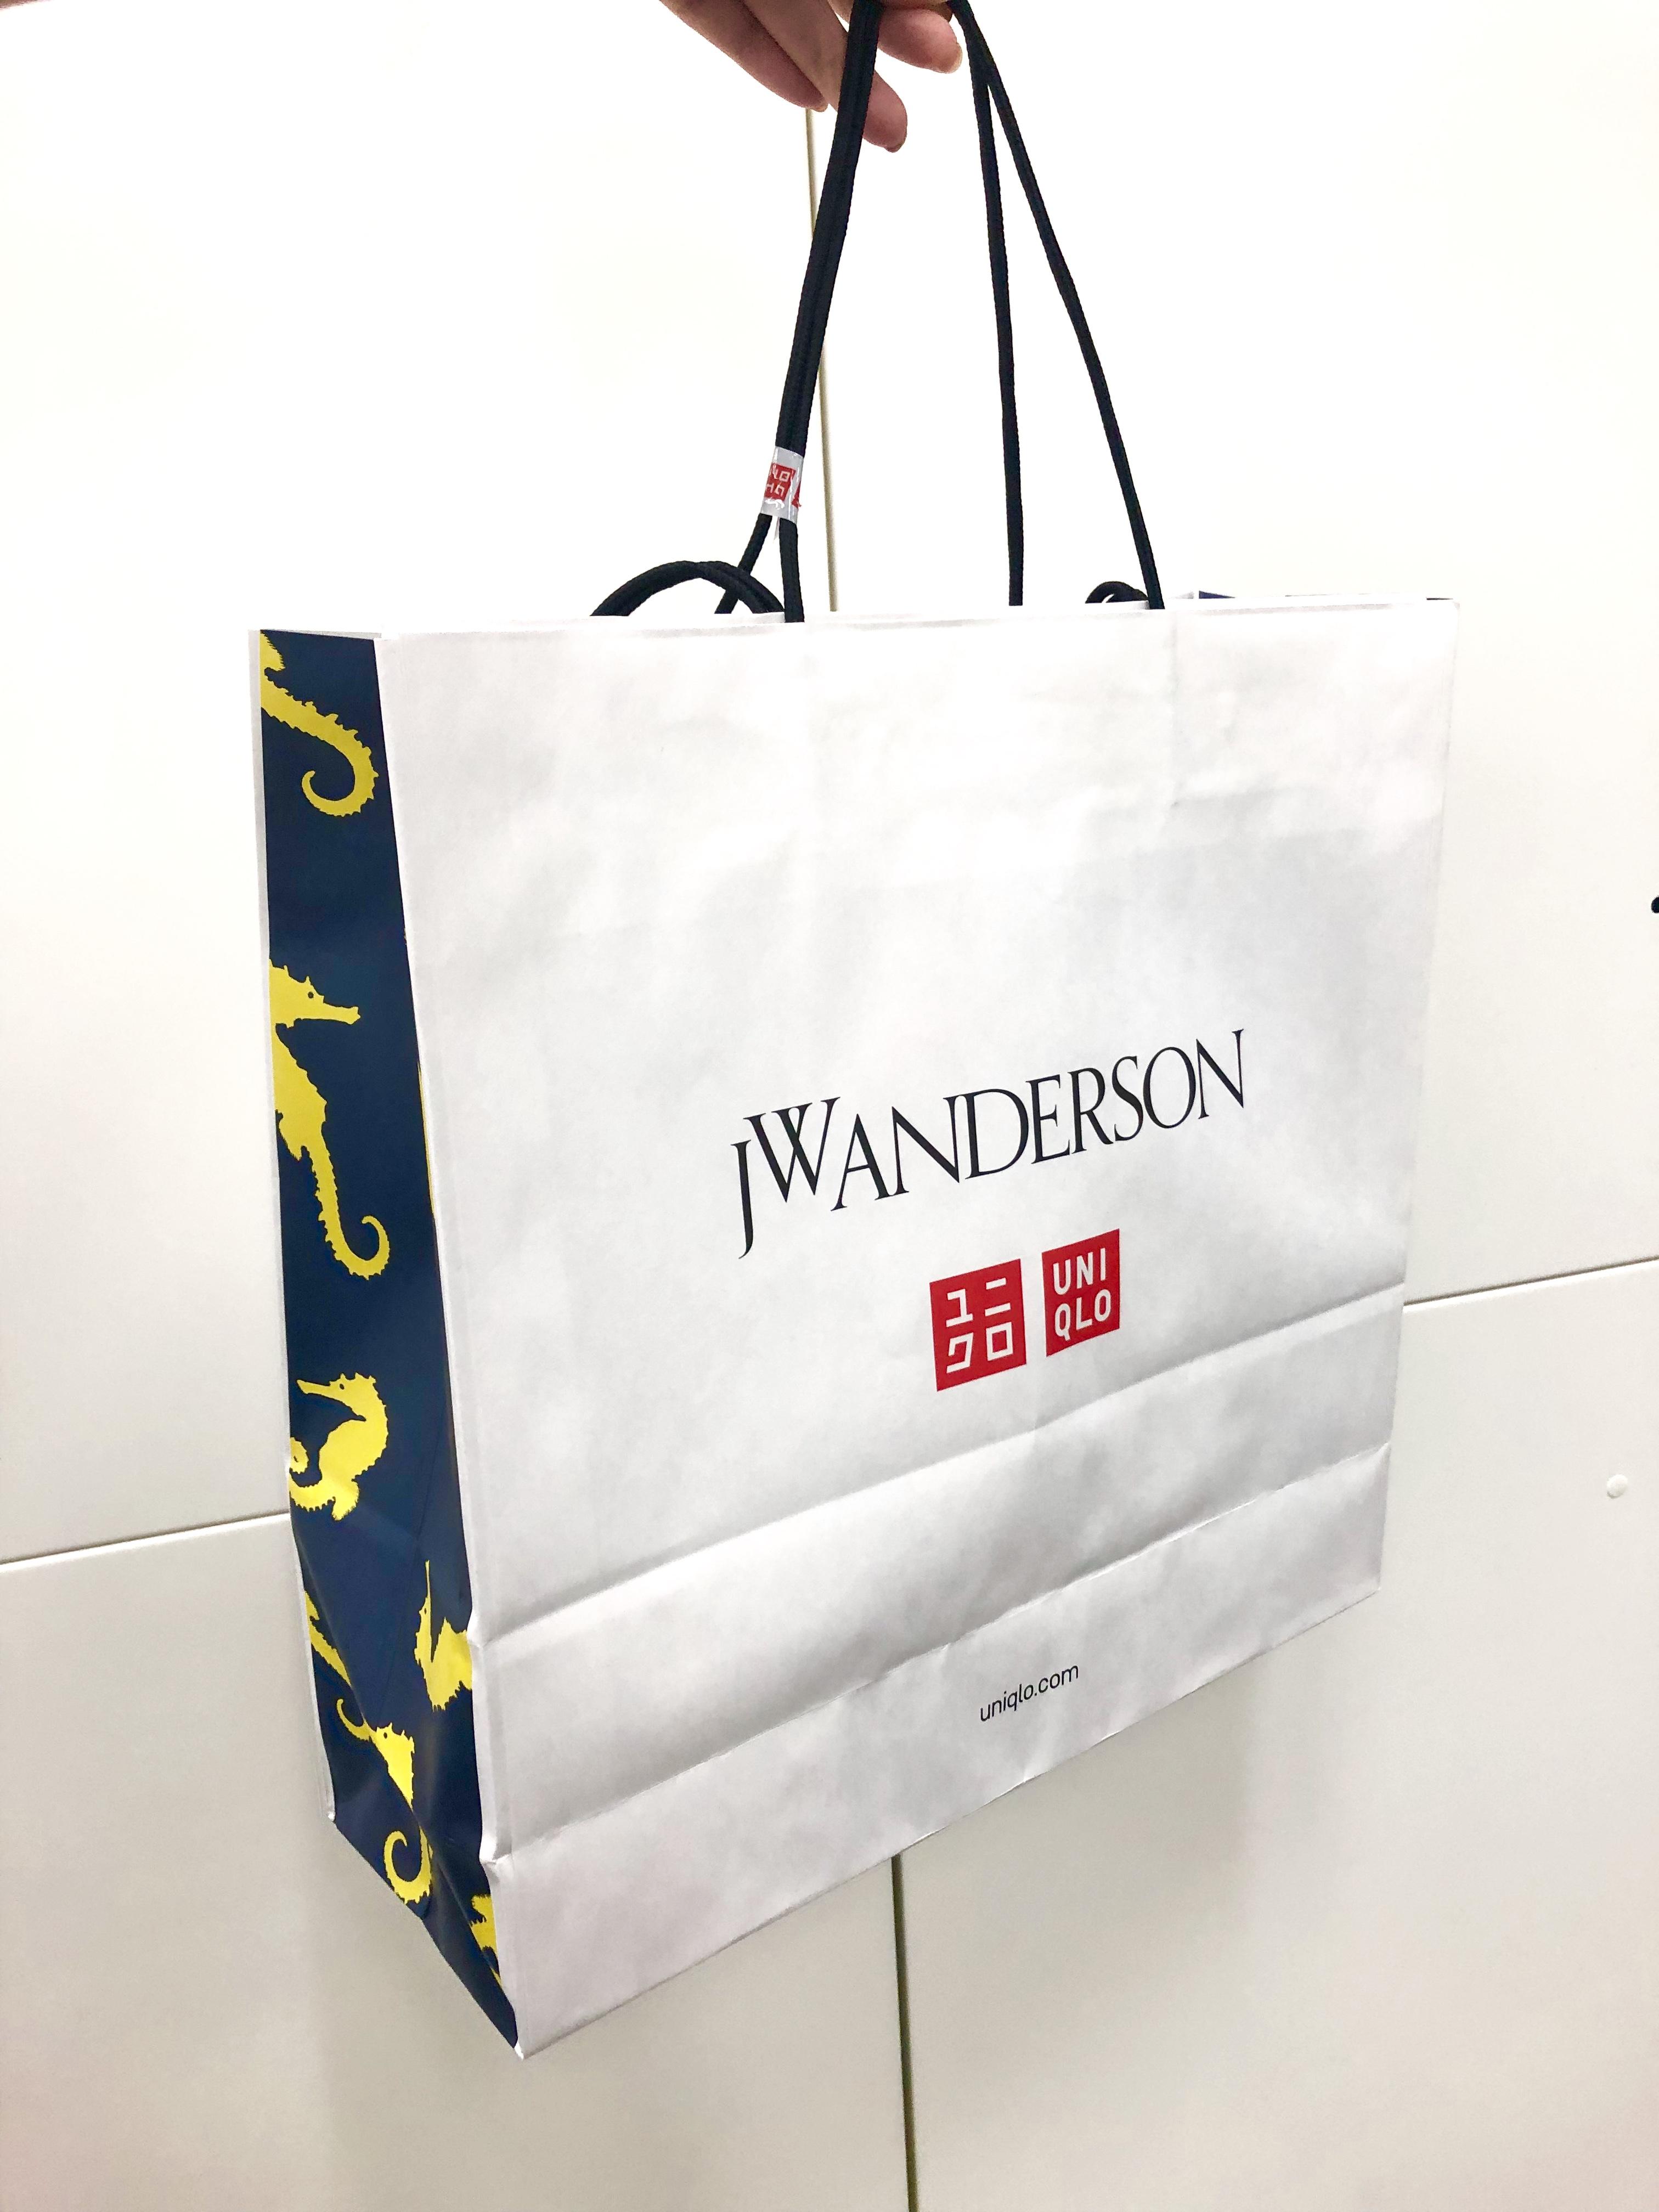 『ユニクロ アンド JW アンダーソン』第3弾、3/8(金)発売! MORE的・飛び売れ予報♡_4_7